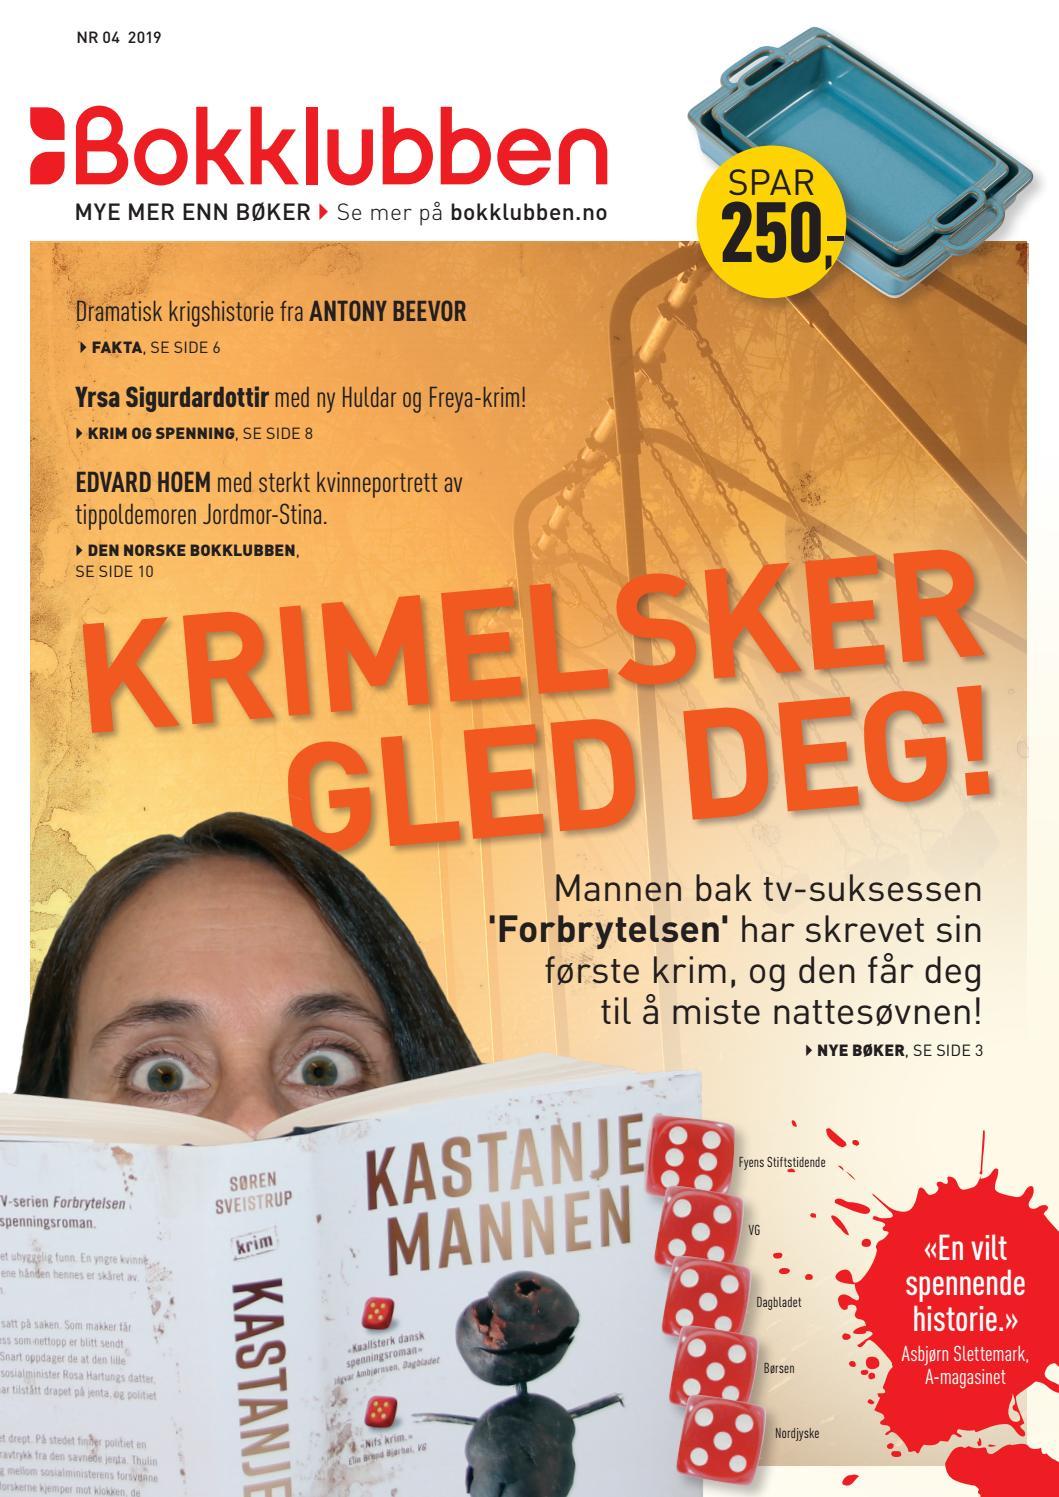 8ff34ef2 Bokklubben - Medlemsblad nr 04, 2019 by De norske Bokklubbene - issuu